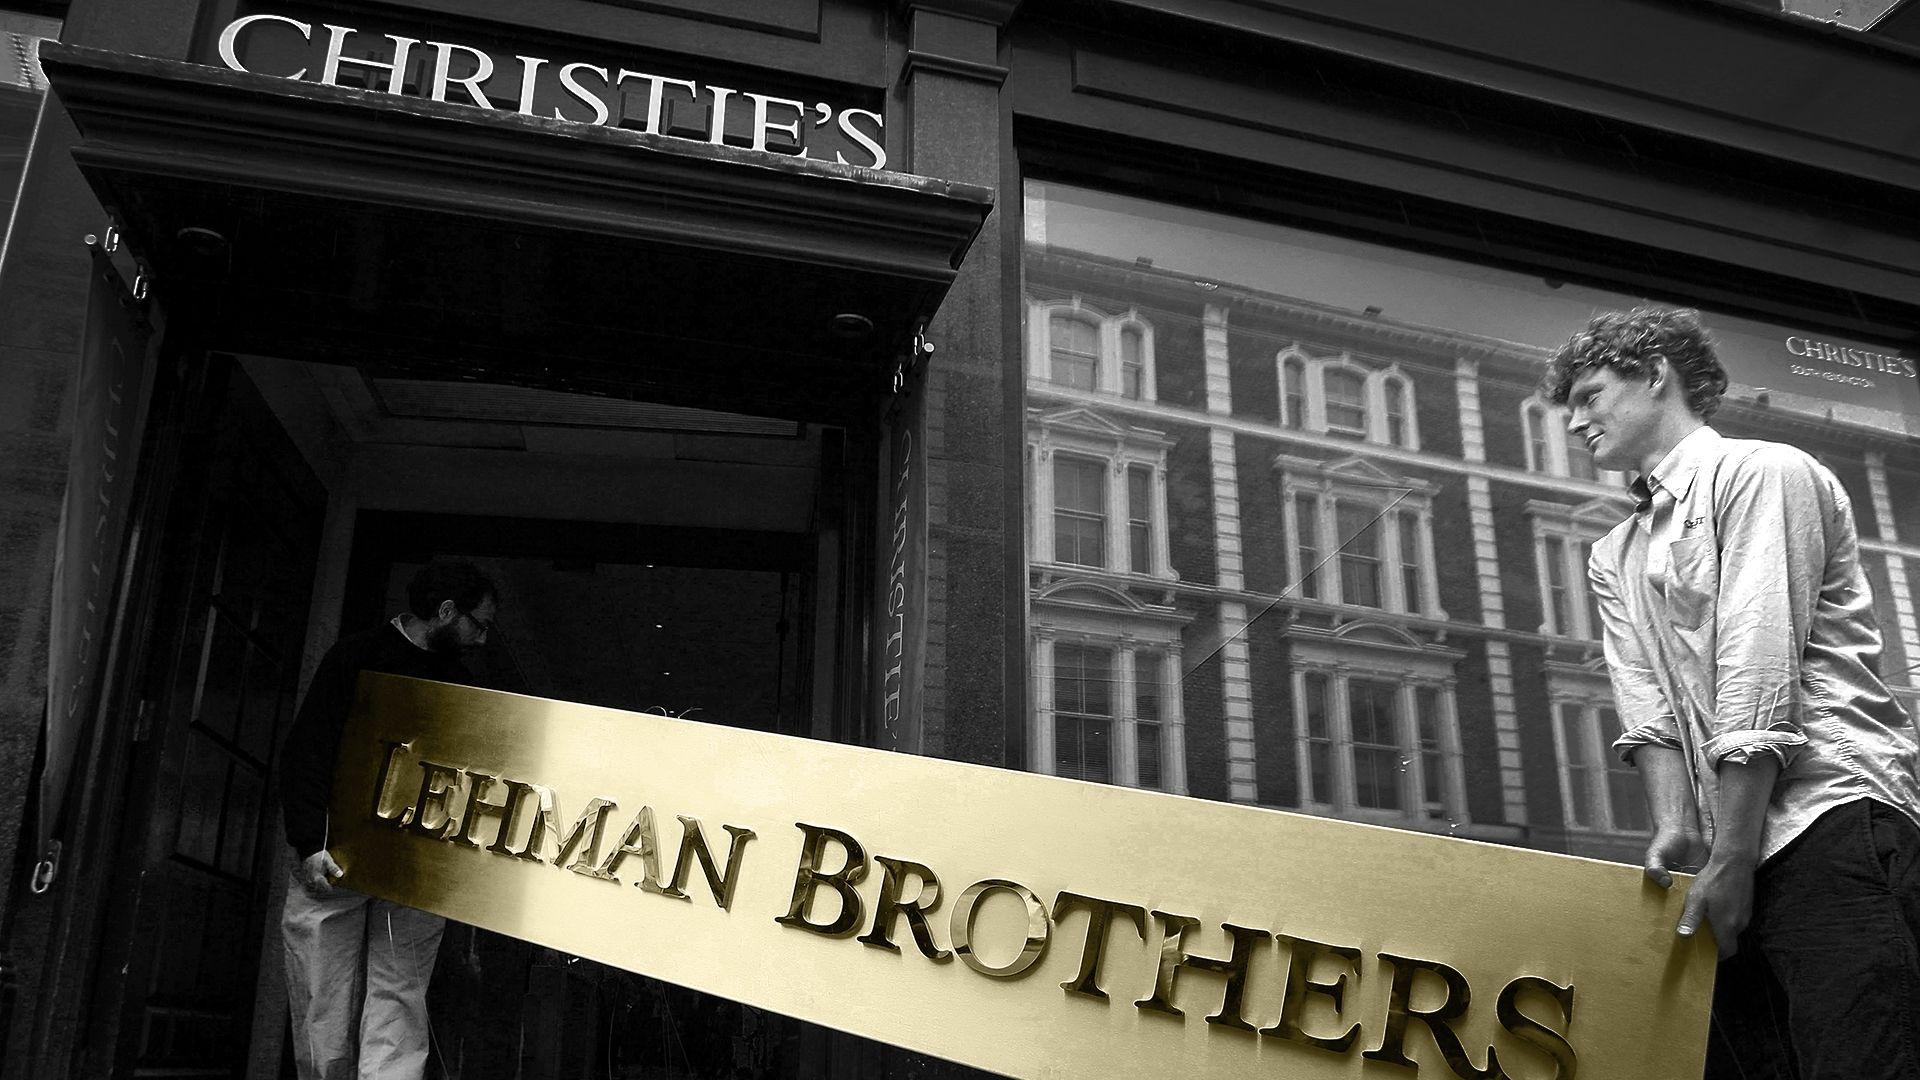 Cartel Lehman Brothers en casa de subastas Christies